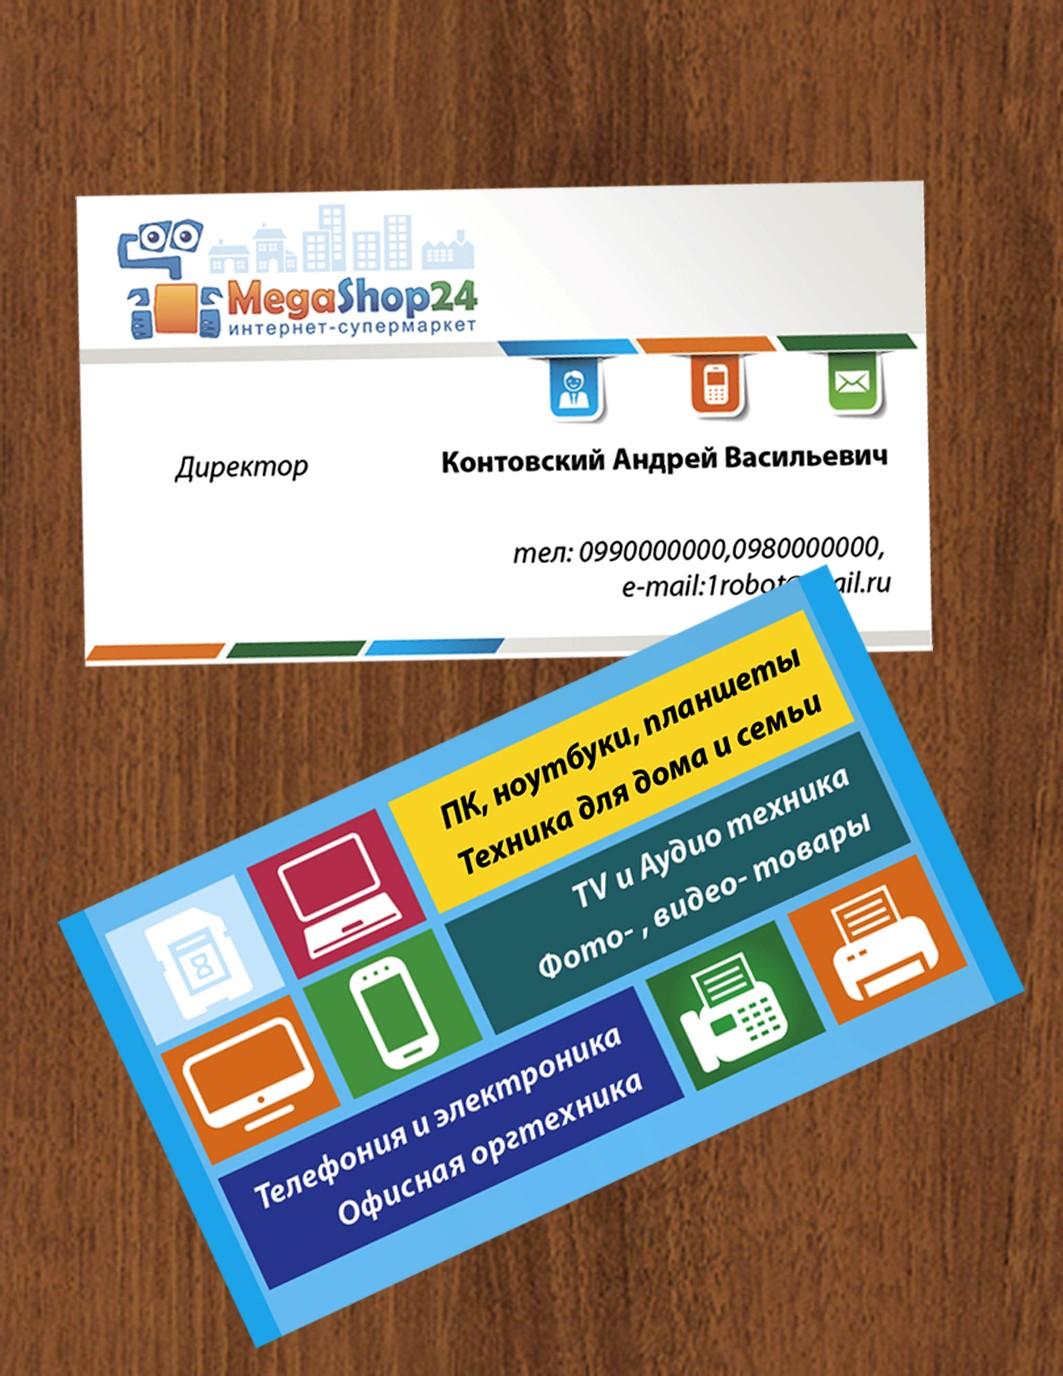 Визитки для интернет-магазина в Москве | фото 5